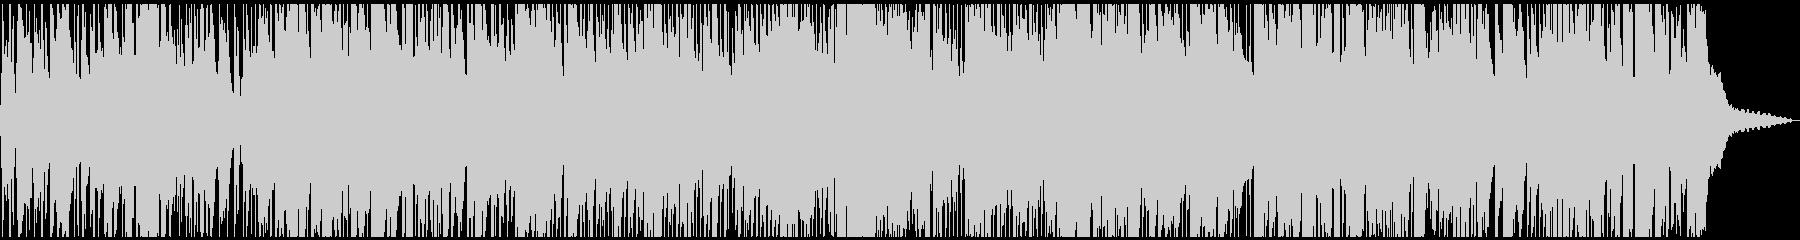 クールジャズBGMの未再生の波形